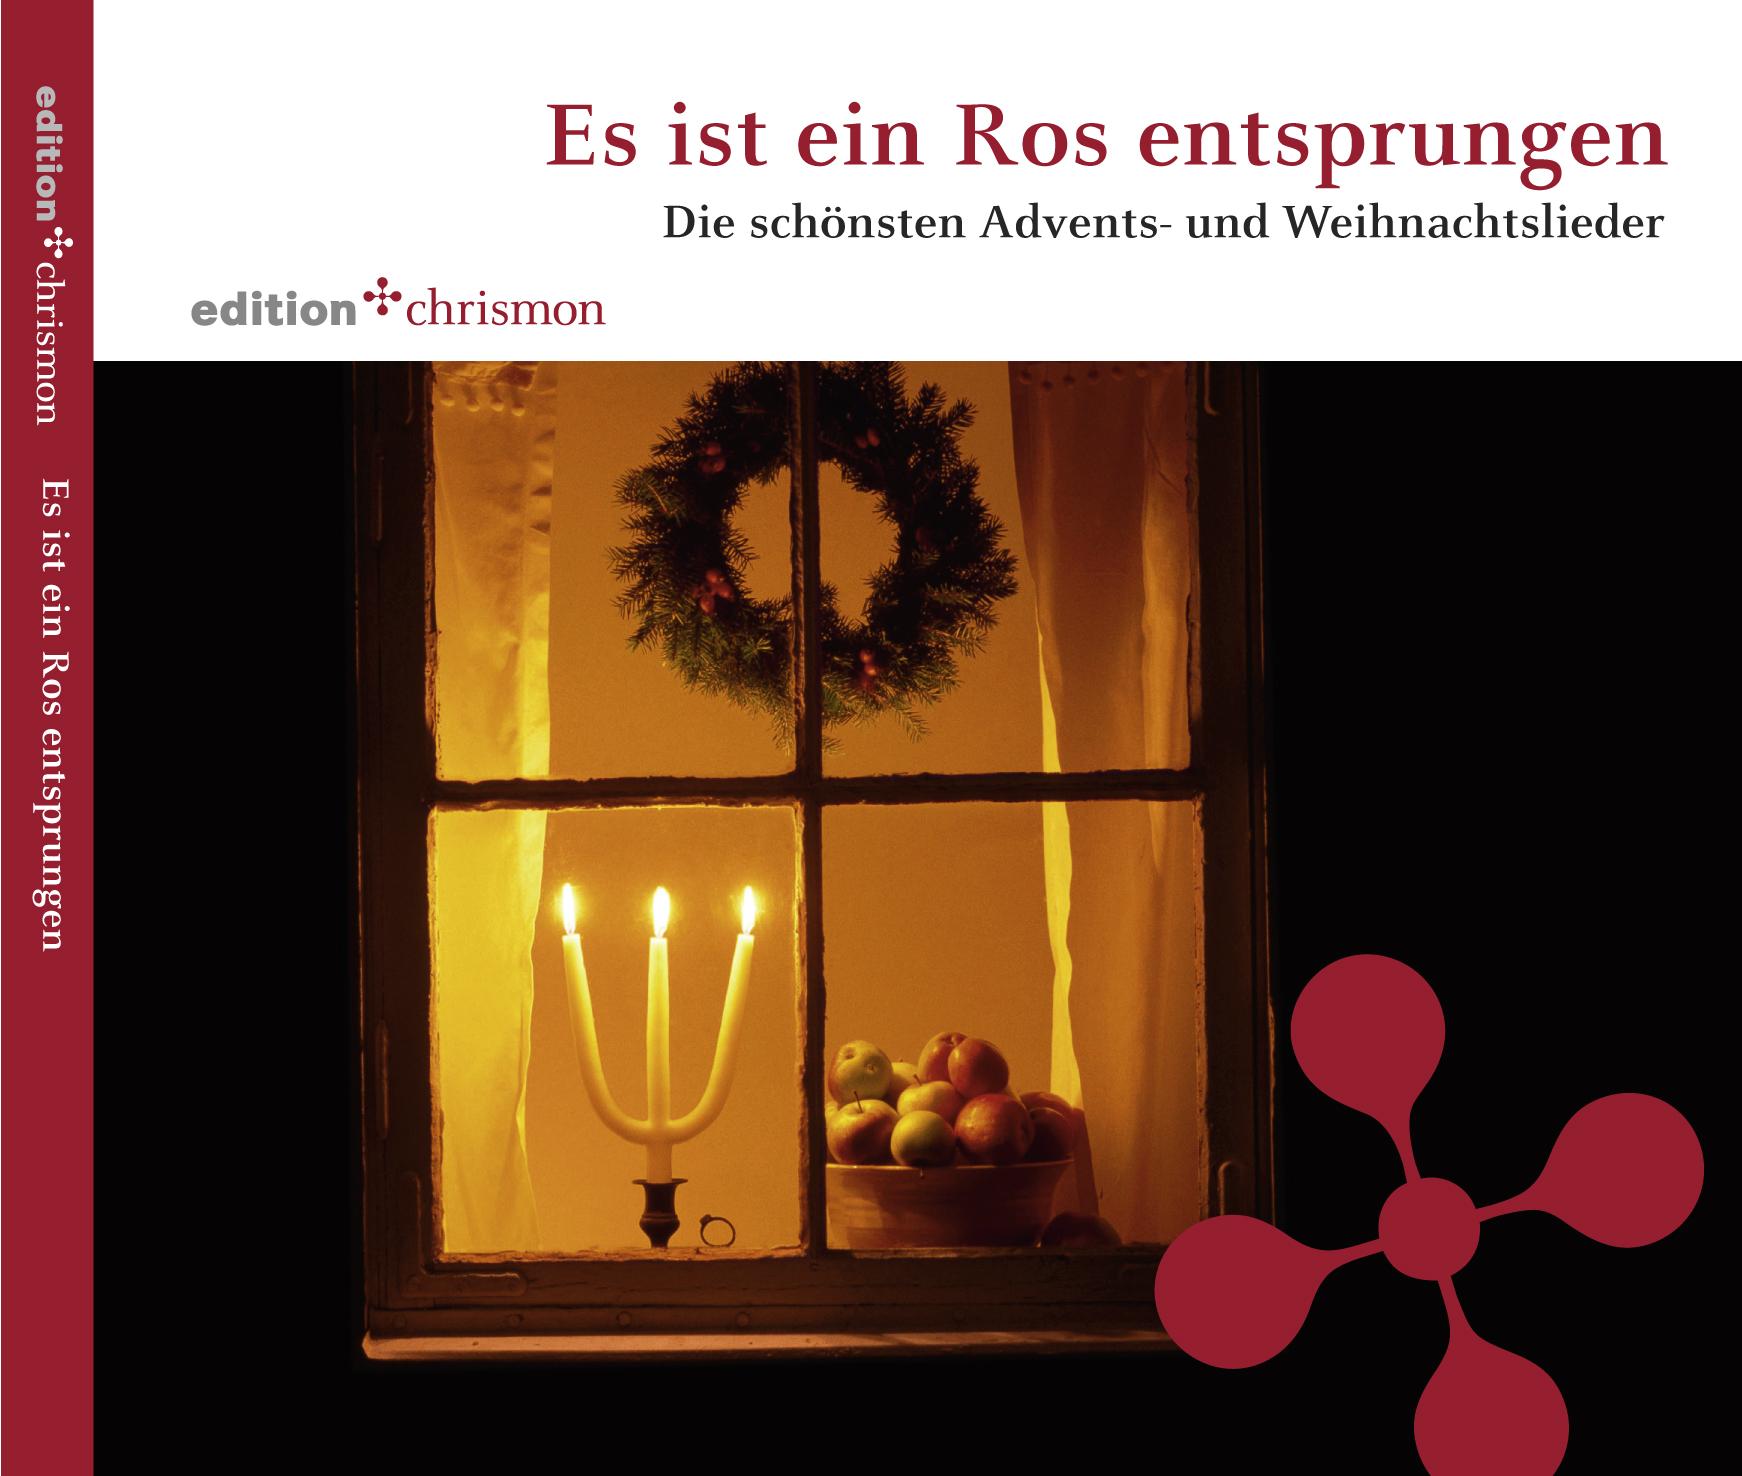 Es ist ein Ros entsprungen   Die schönsten Advents- und Weihnachtslieder